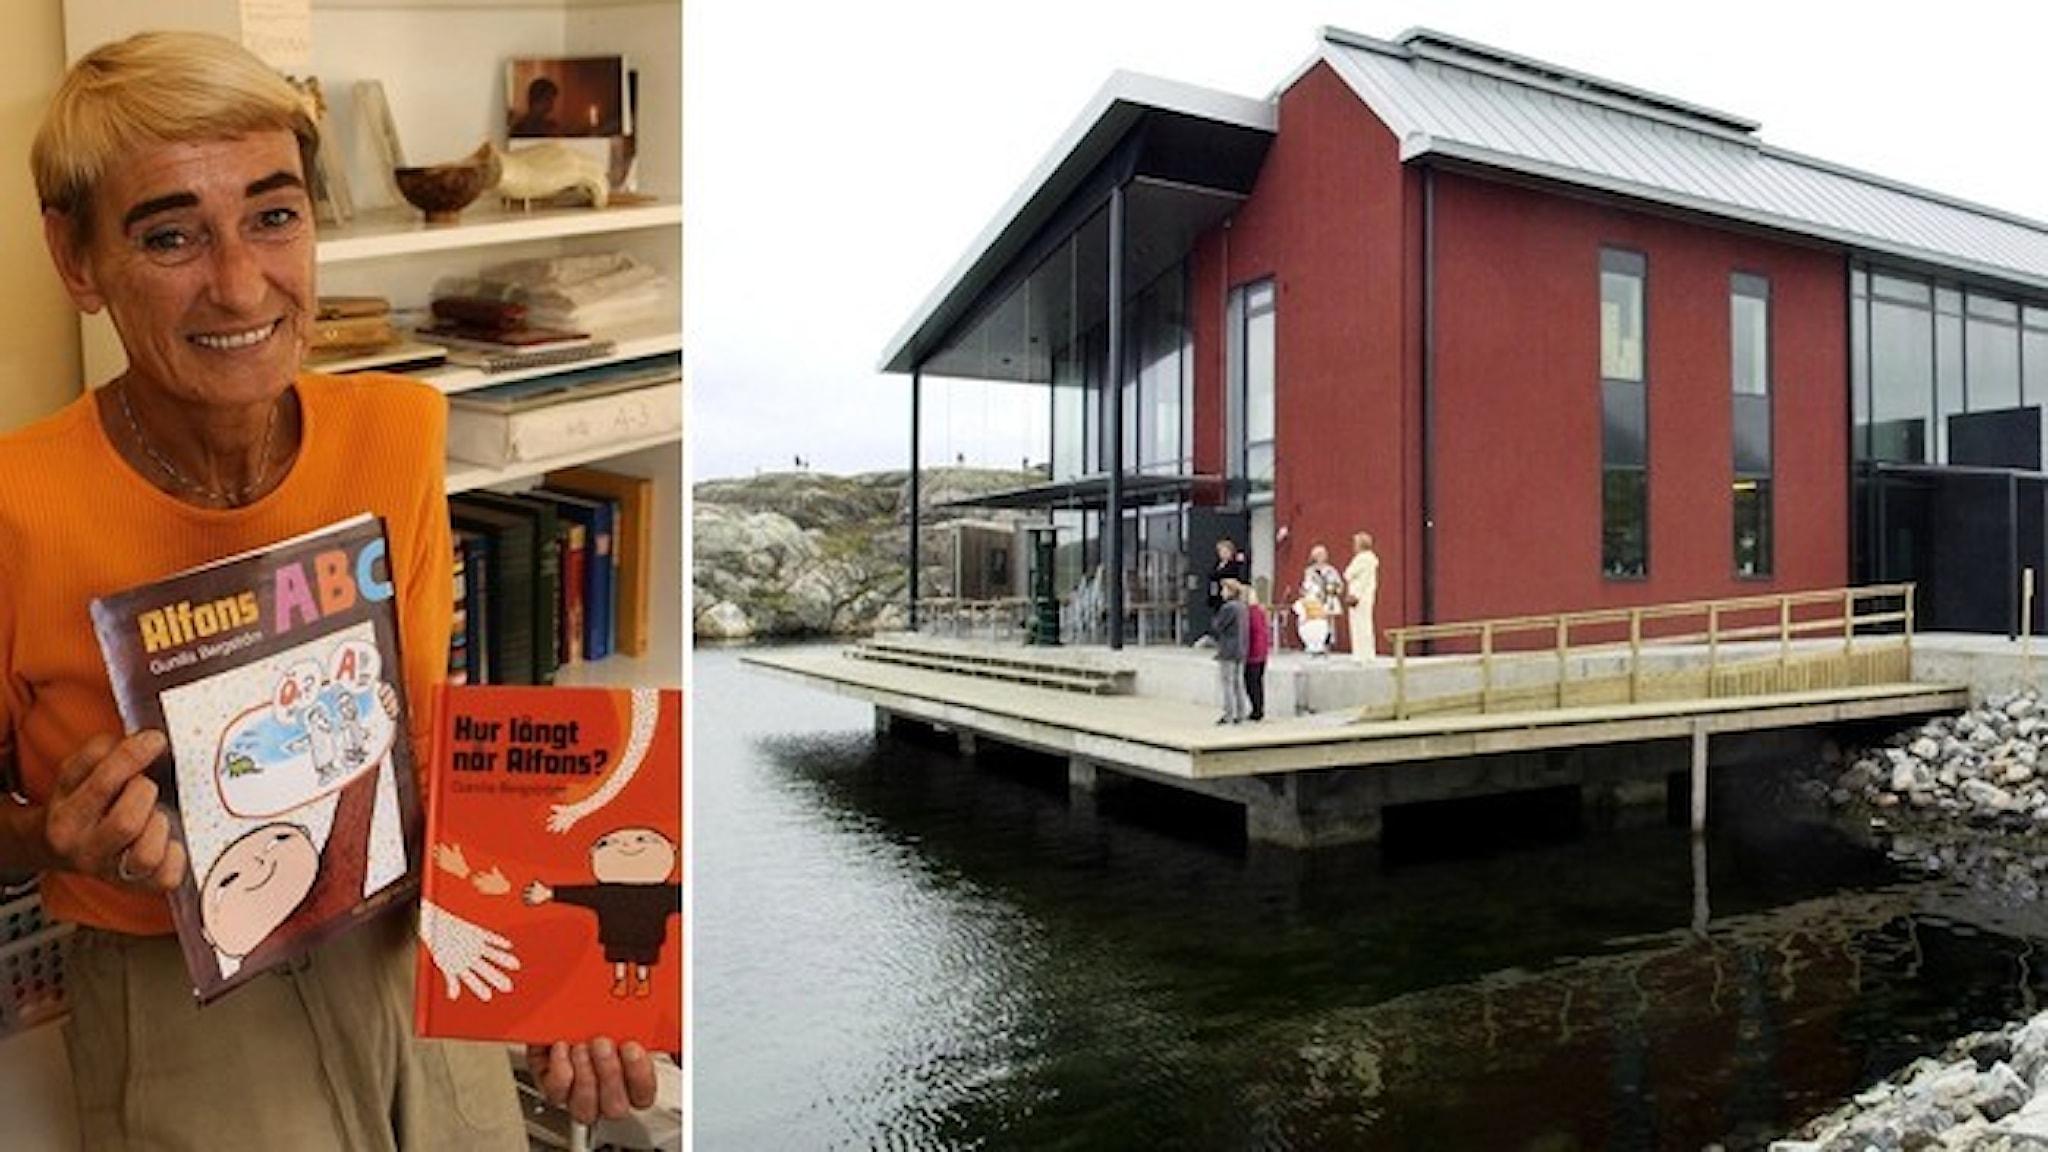 Författaren Gunilla Bergström, klädd i orange tröja, håller upp två av sina Alfons Åberg-böcker. Nordiska akvarellmuseet – en röd byggnad intill vattenbrynet.